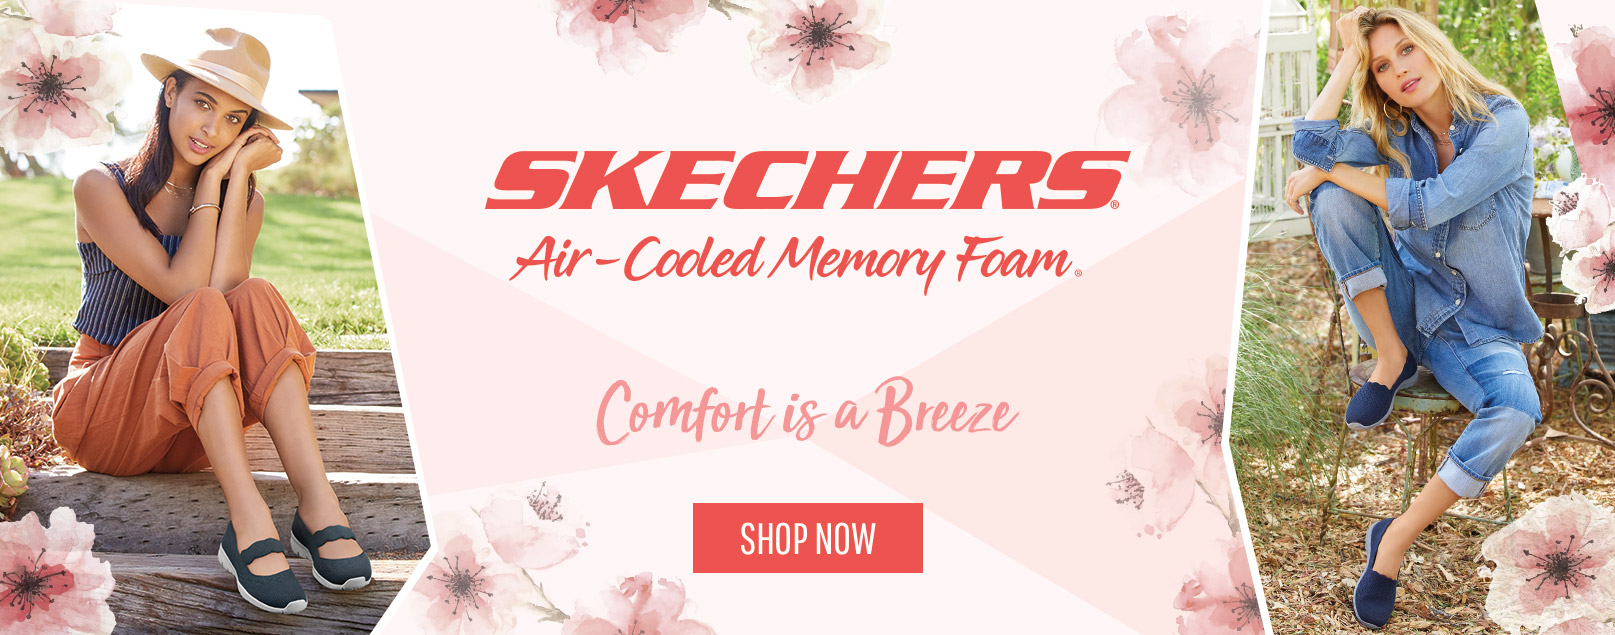 00ea694109e Women s SKECHERS Shoes